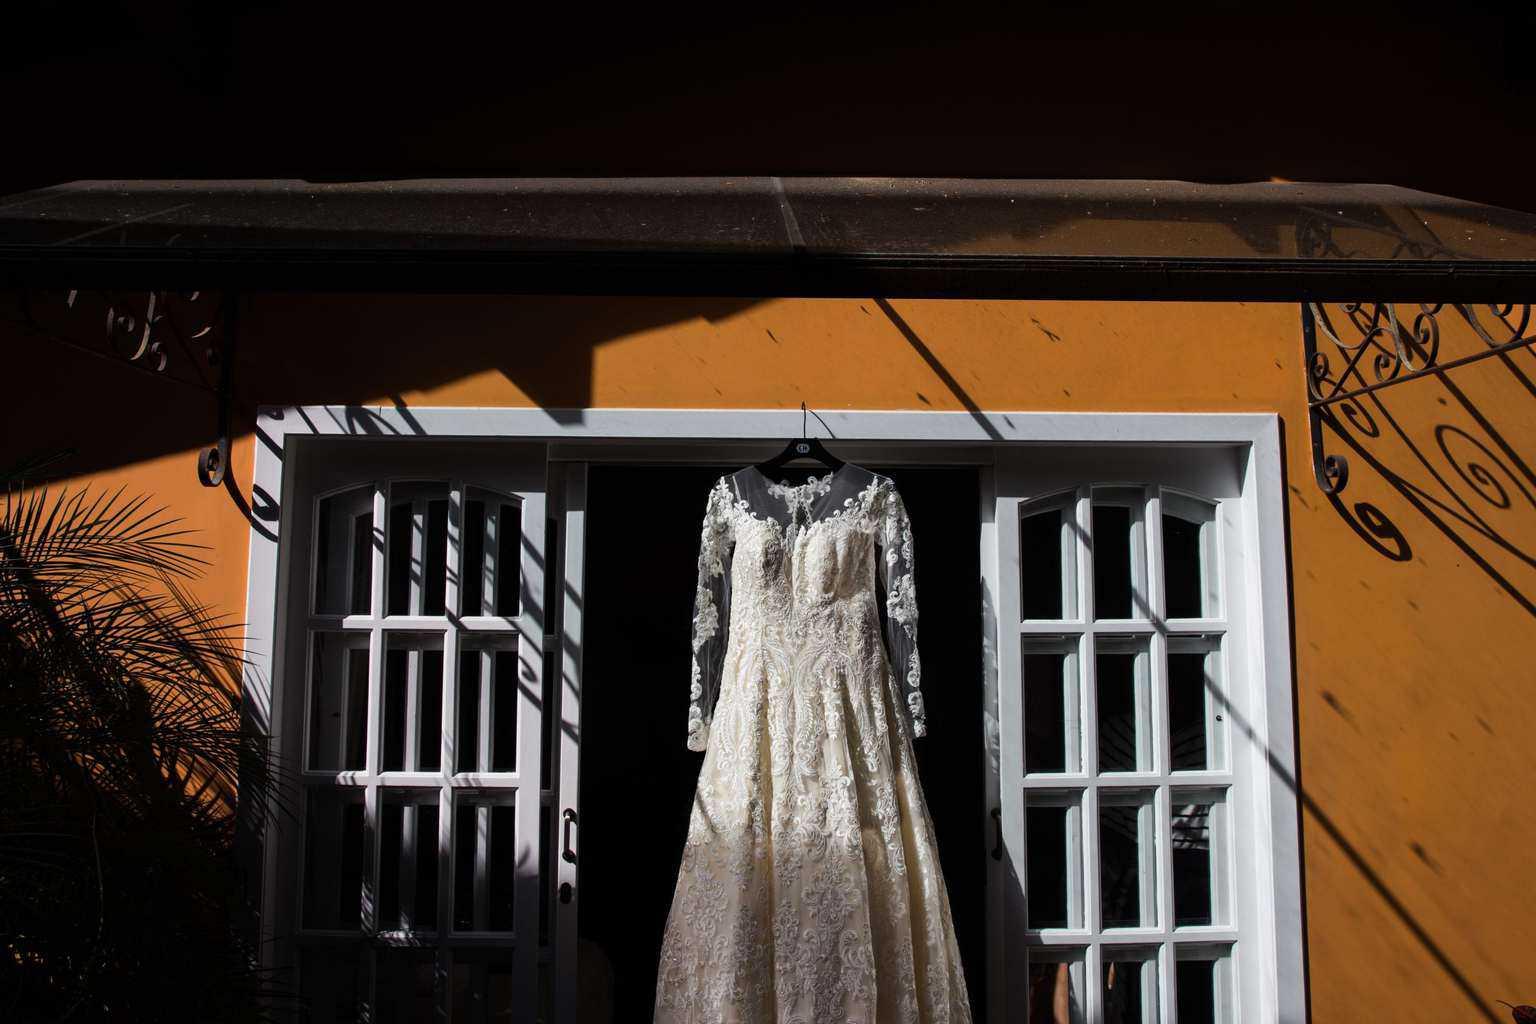 Andrea-Kapps-casamento-de-dia-casamento-na-serra-casamento-romântico-casamento-tradicional-Locanda-de-La-Mimosa-rosa-e-lilás-vestido-de-noiva-casamento-2